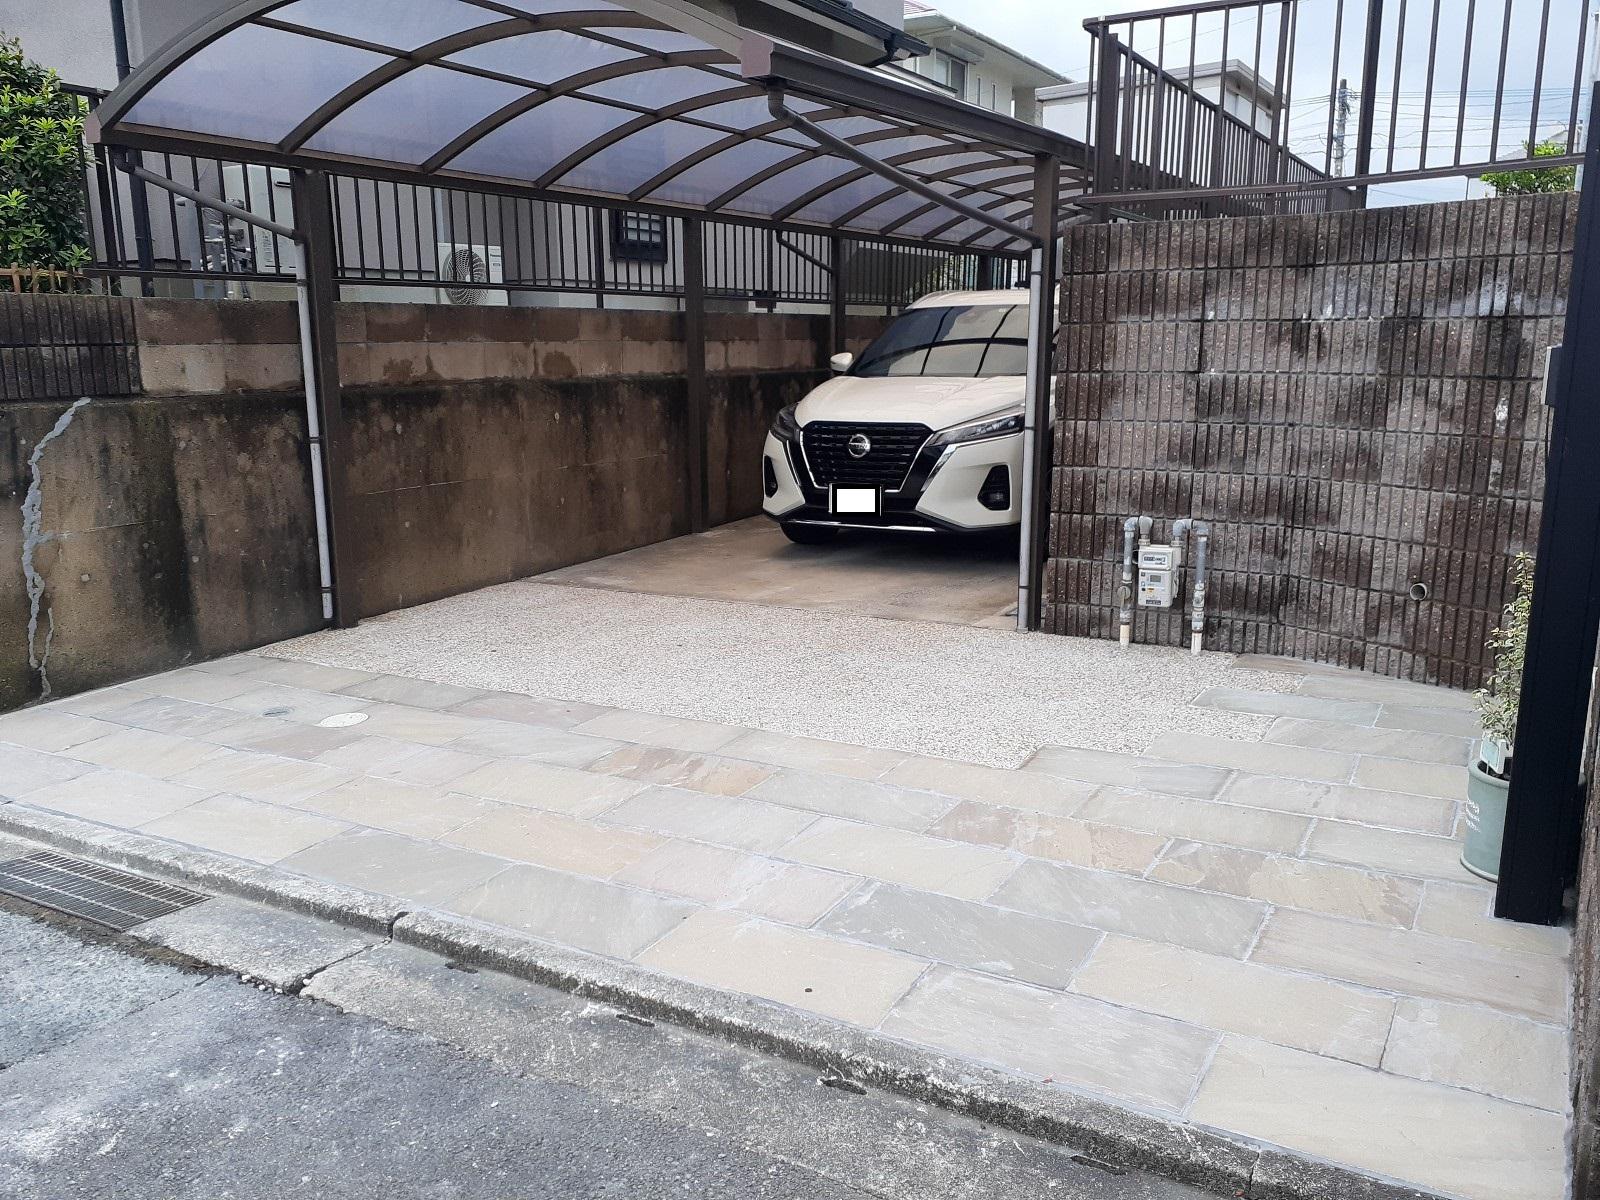 駐車場 リフォーム 天然自然石 方形 ラジャストーン 洗い出し